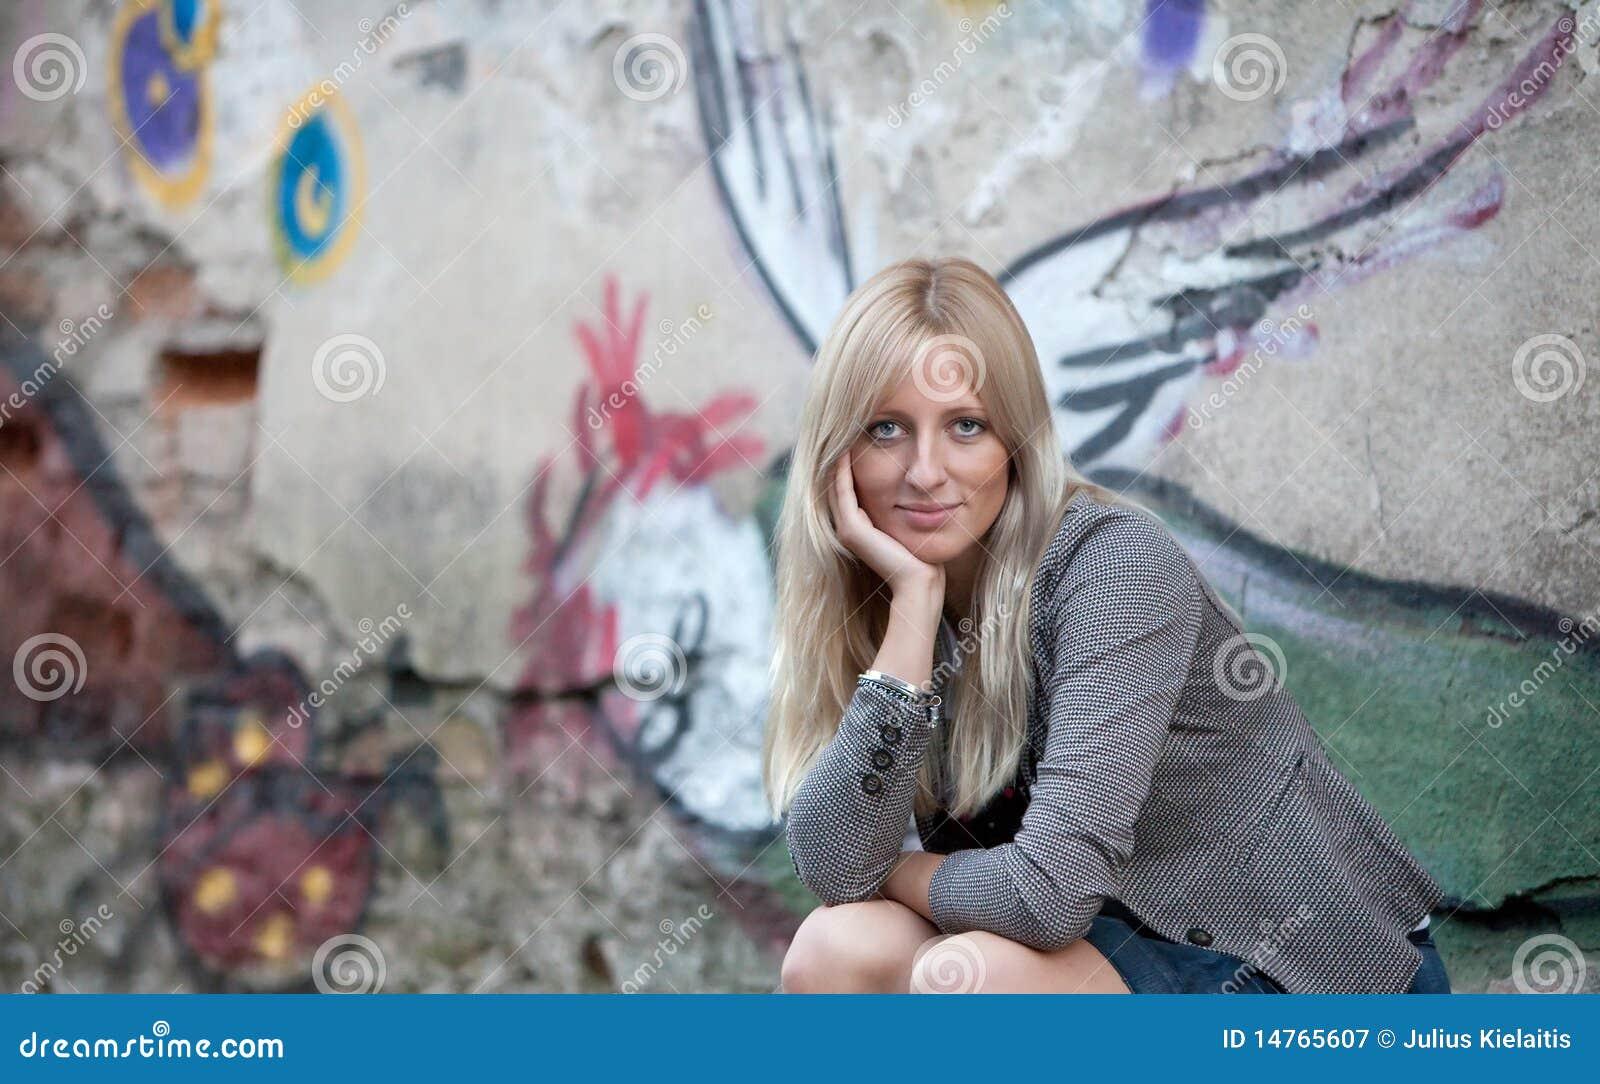 Portrait einer schönen blonden Frau